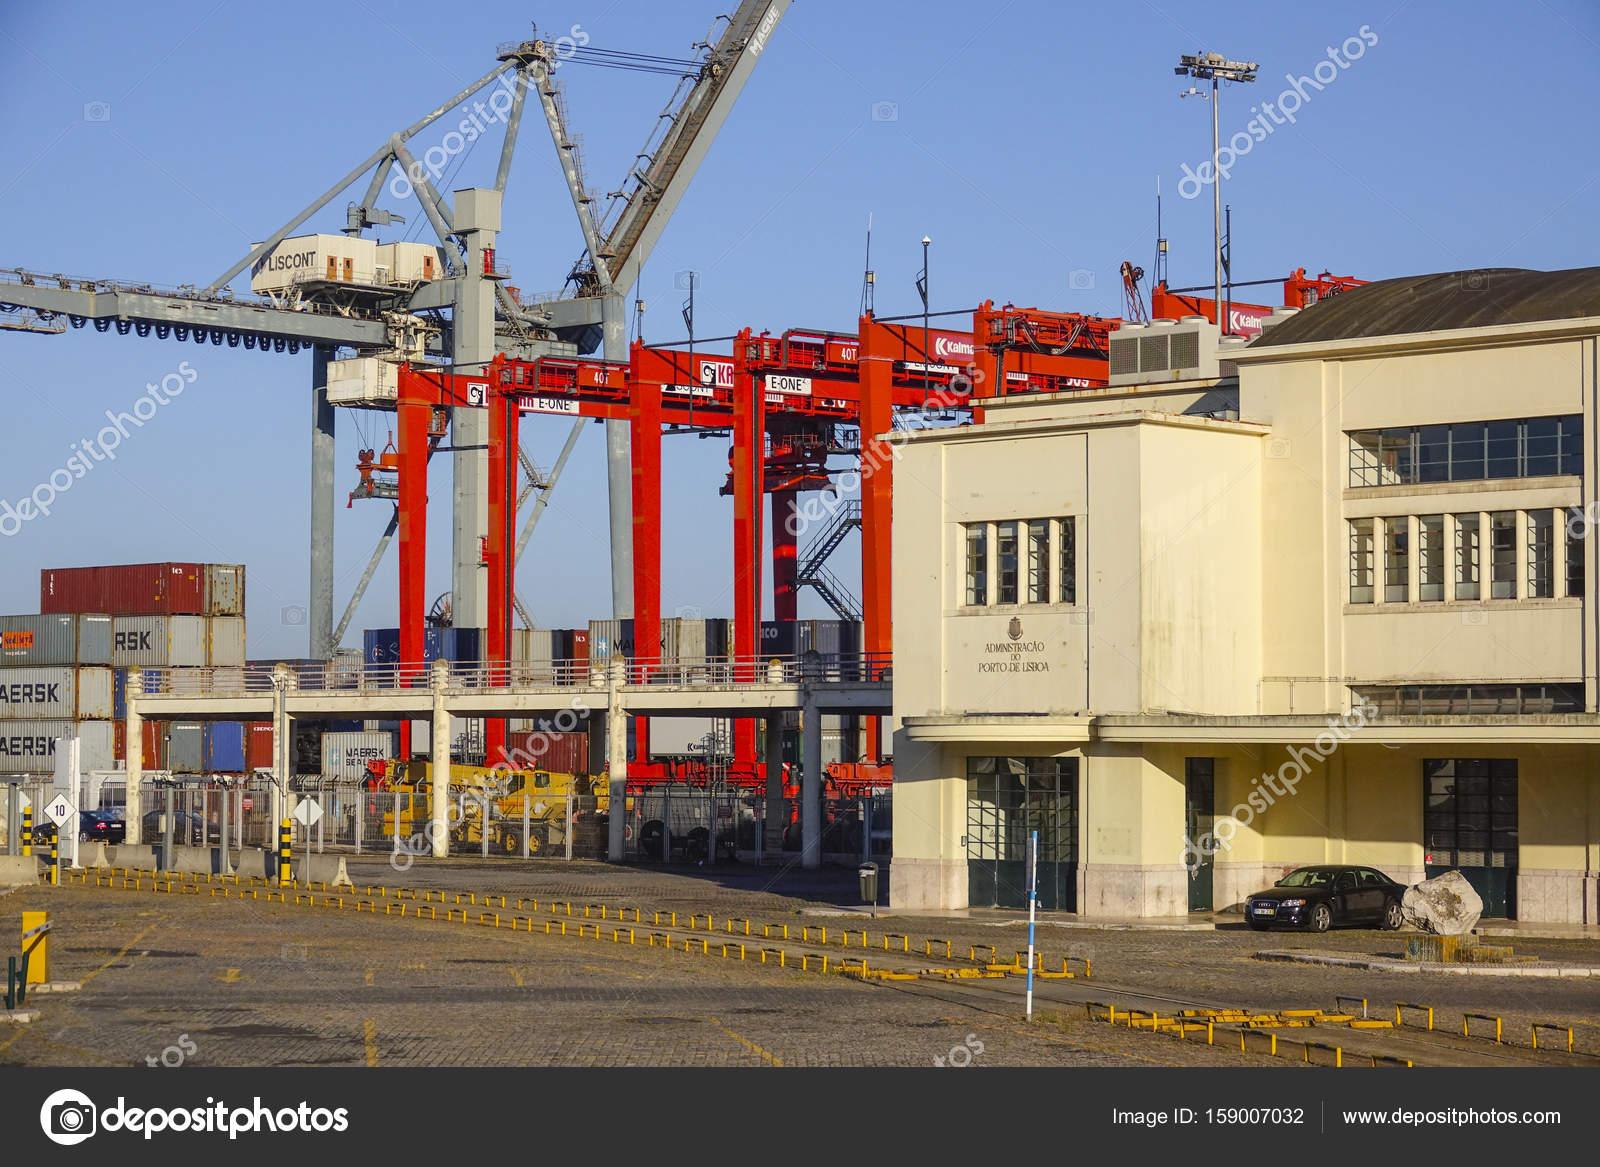 Port de lisbonne administration bureau lisbonne portugal 17